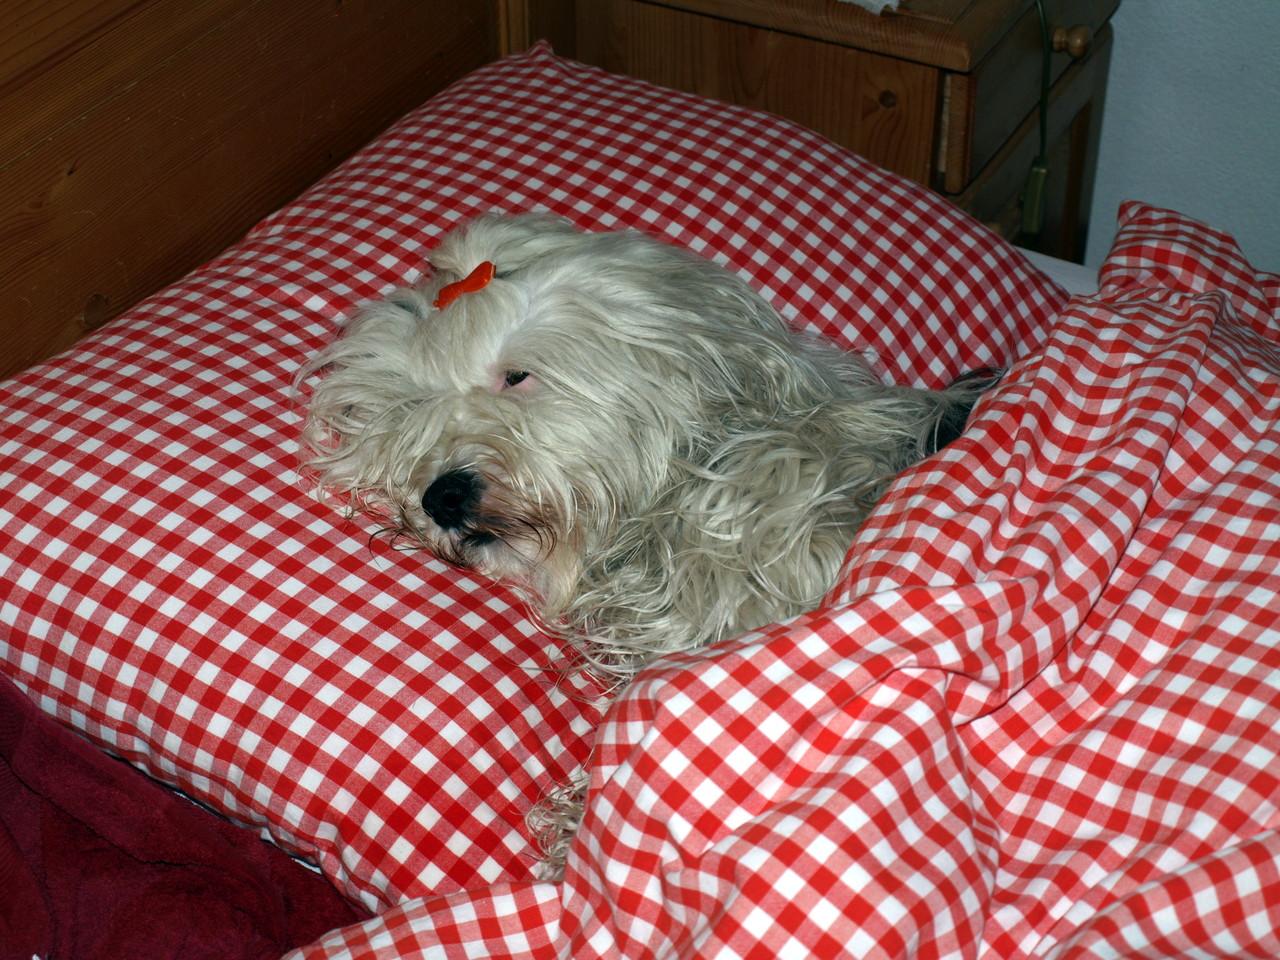 klar, dass sie auch ihr eigenes Bett beansprucht...